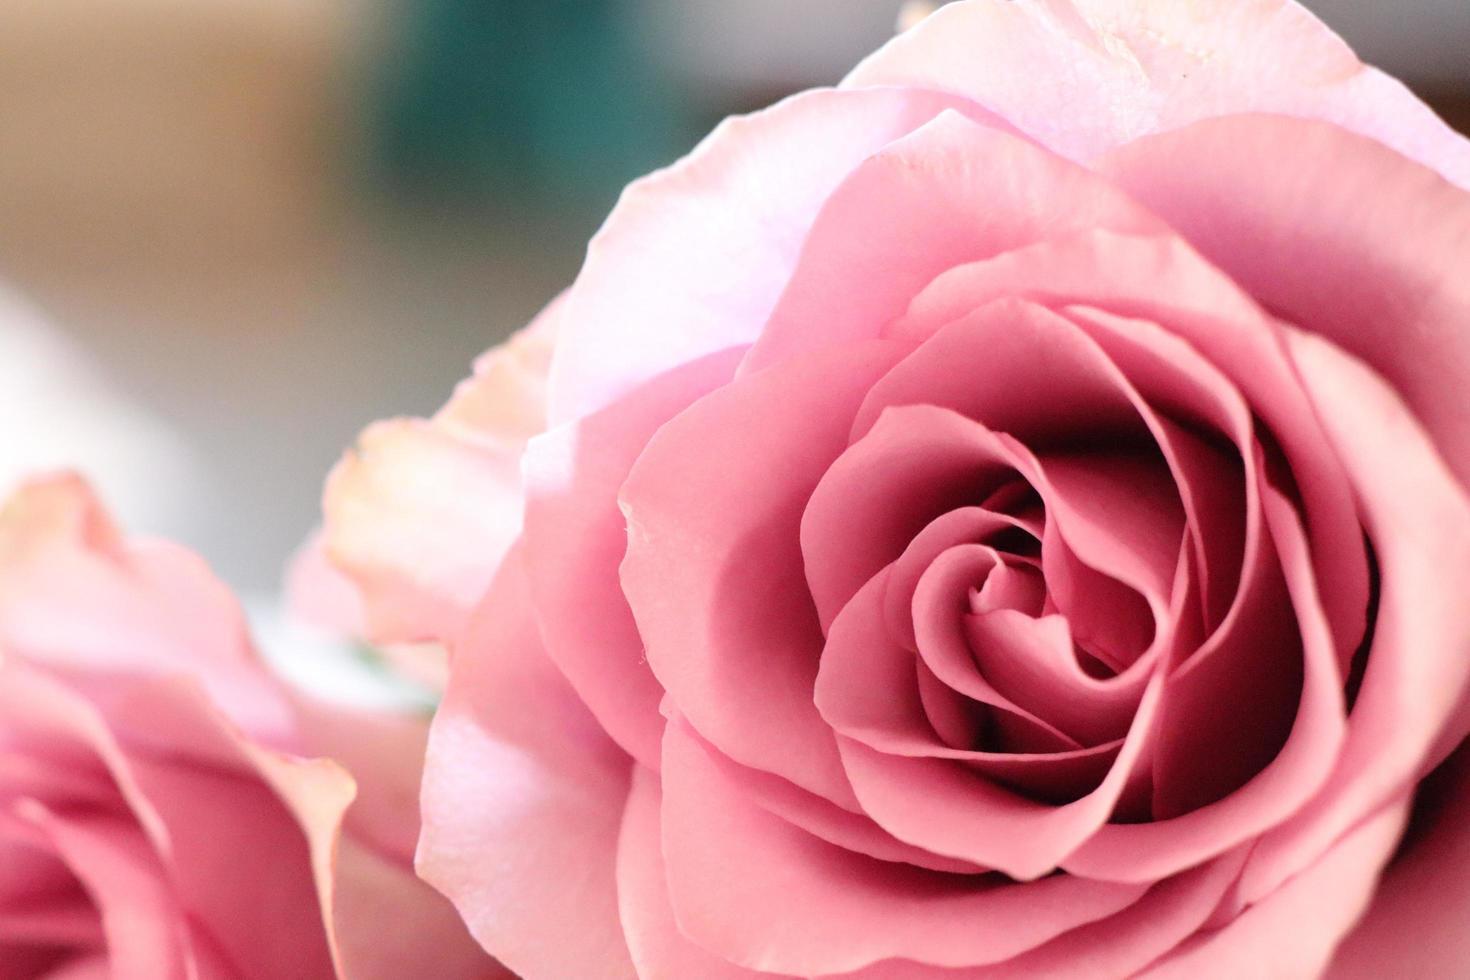 rosa Rose nah oben foto